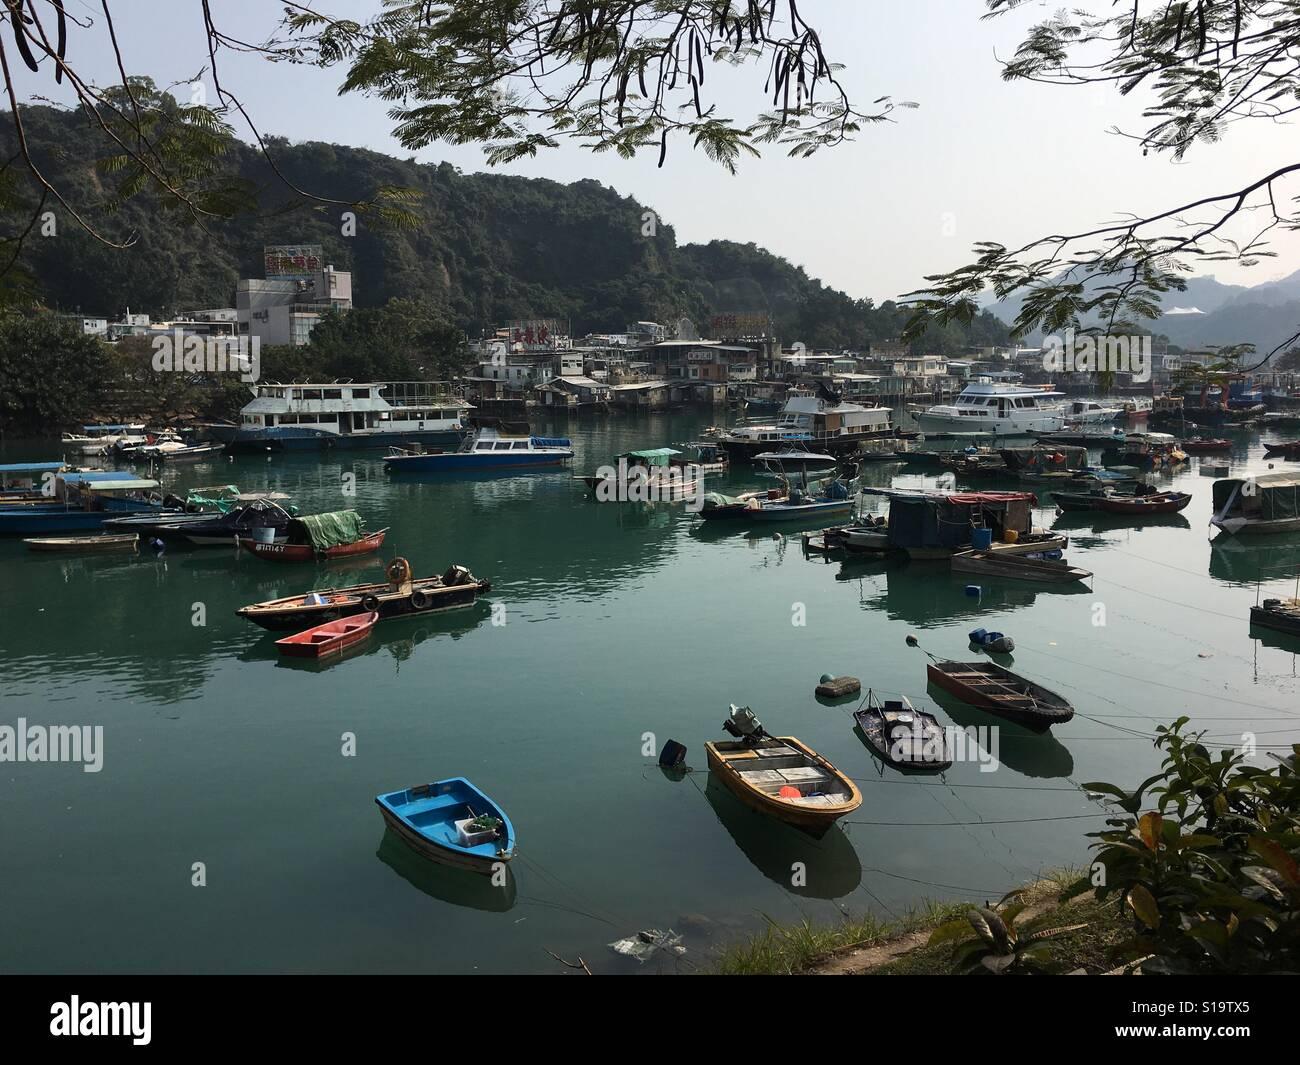 Fishing boats at anchor Lei Yuri Mun Hong Kong - Stock Image